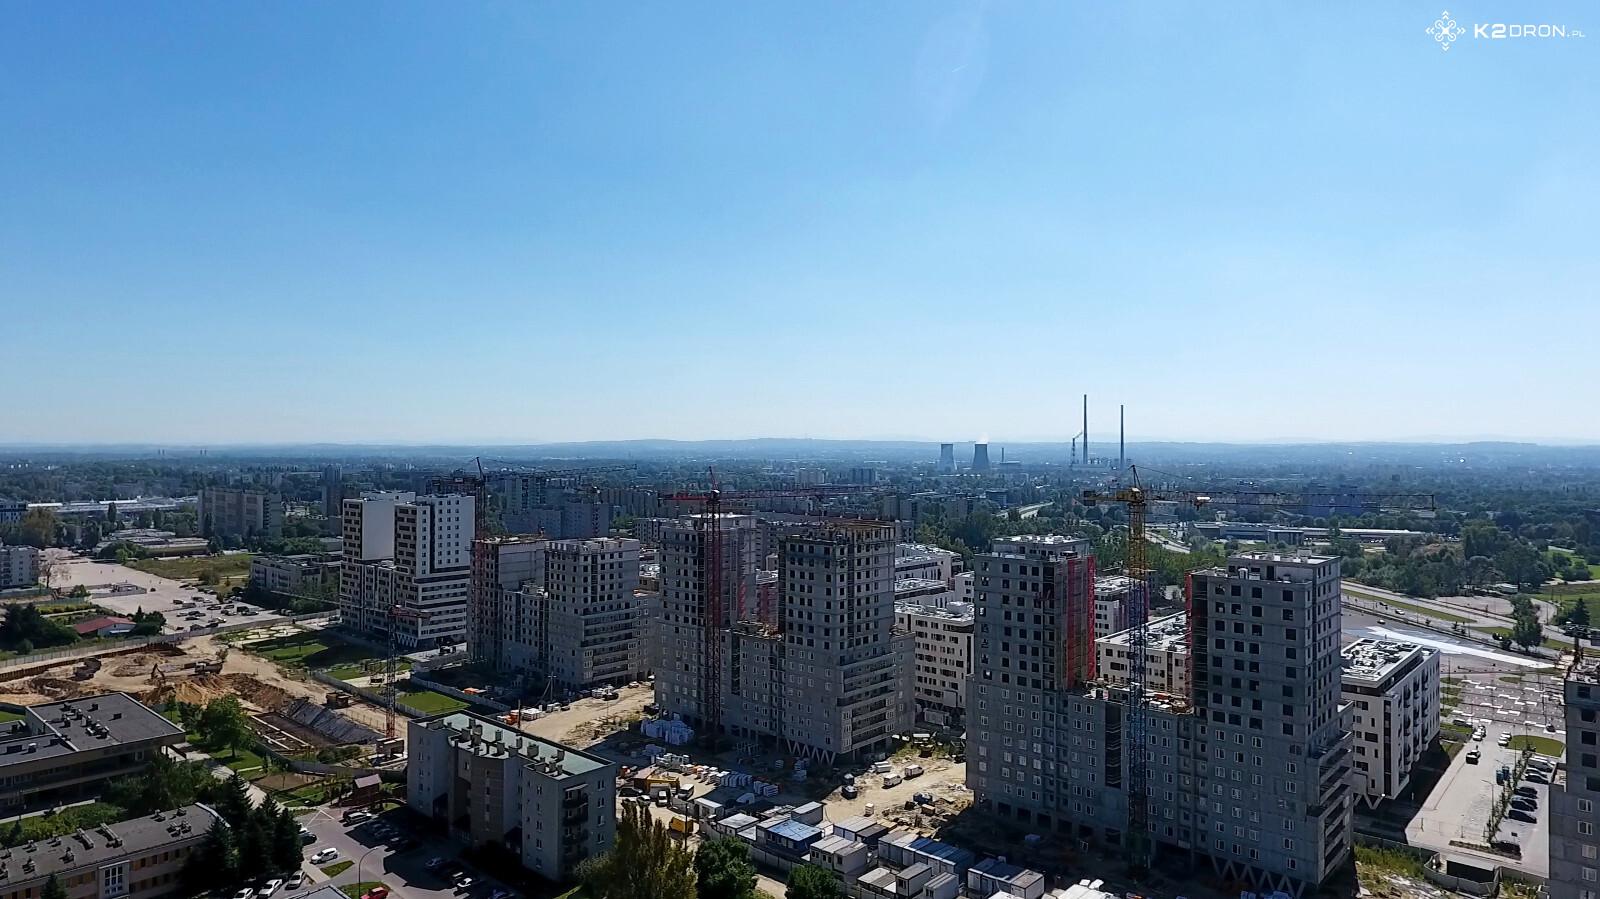 Osiedle Avia i Osiedle Orlińskiego Kraków - wieżowce budowane w Czyżynach